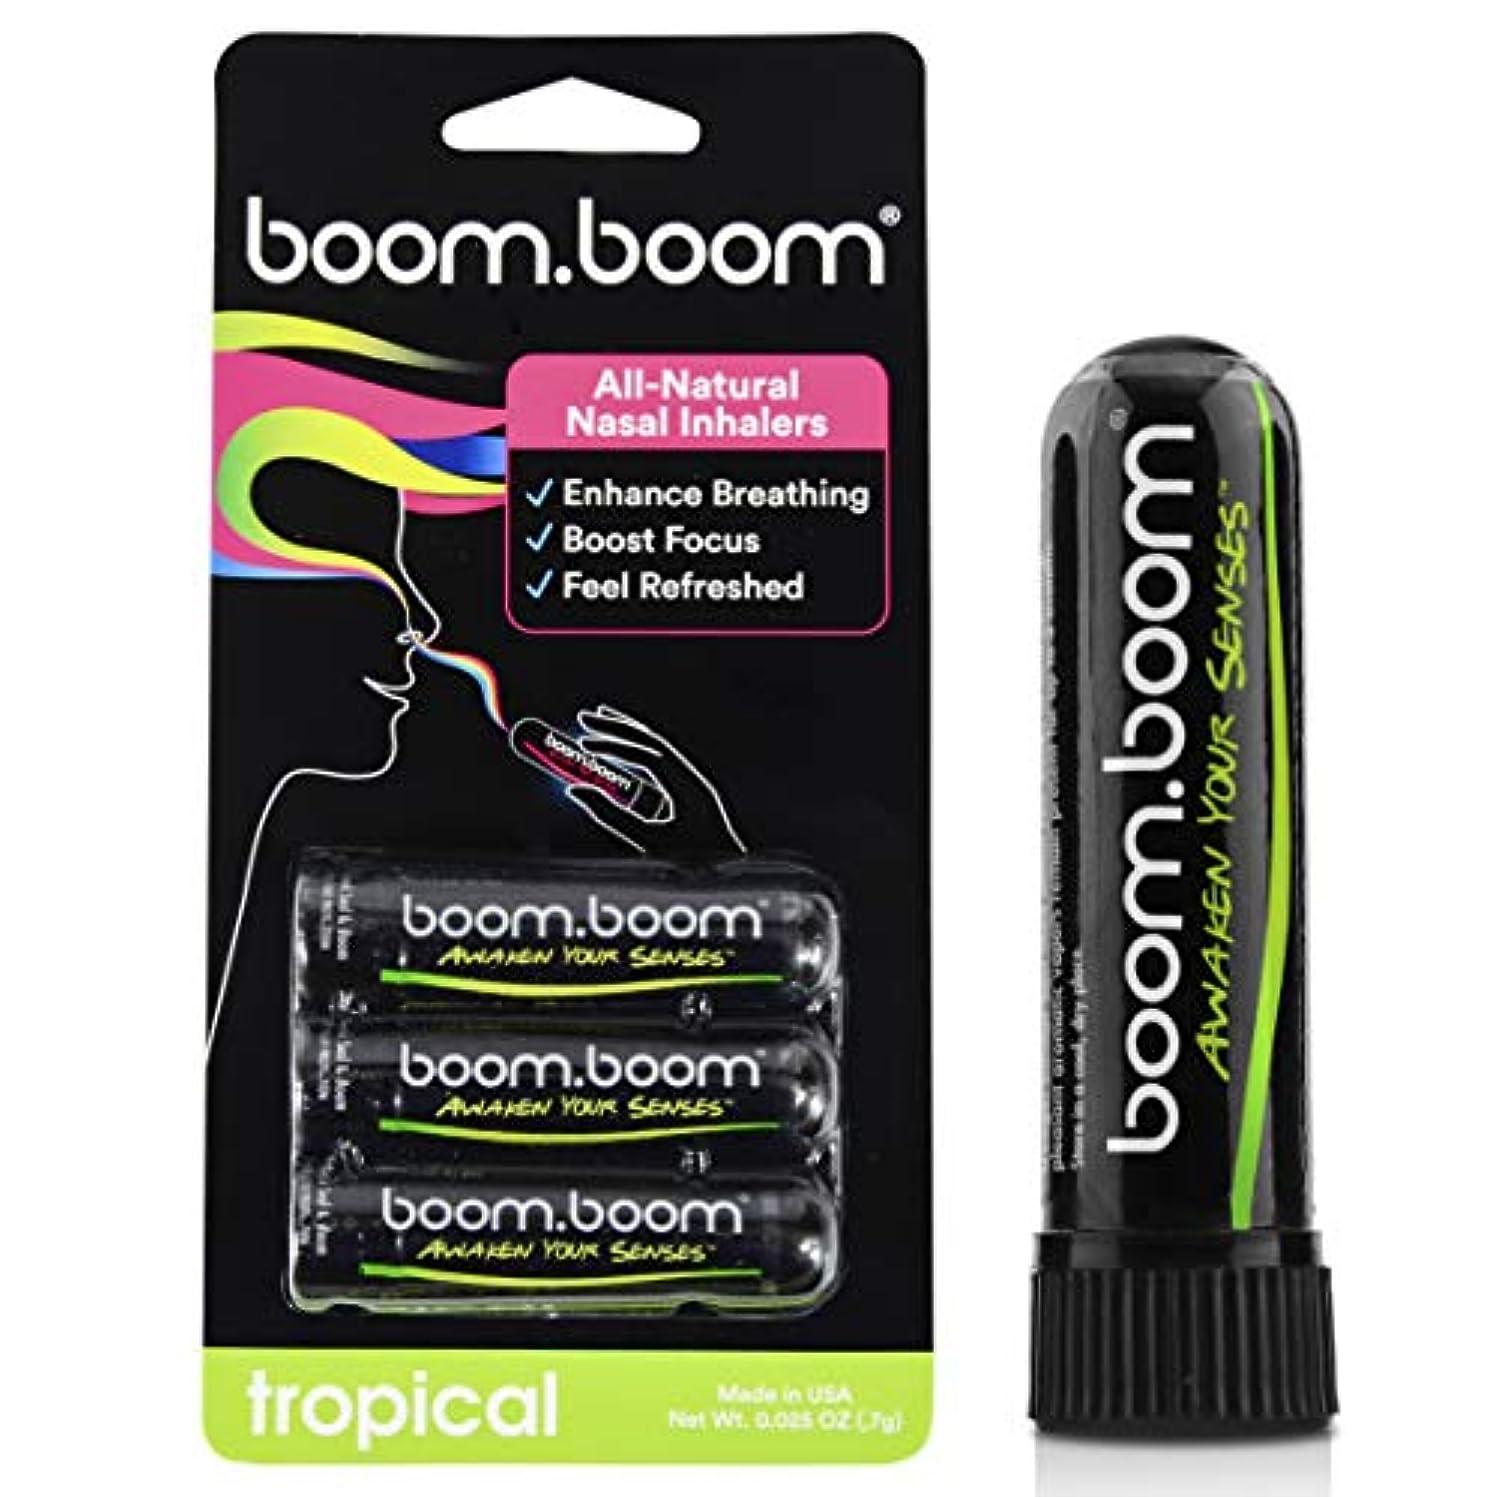 素晴らしきスケジュール第二アロマテラピー鼻吸入器(3パック)by BoomBoom | すべての自然植物療法エッセンシャルオイル気化器| Stuffy Noseからのインスタントリリーフ| 素晴らしいフレーバーメントール、ペパーミント、ユーカリ(...